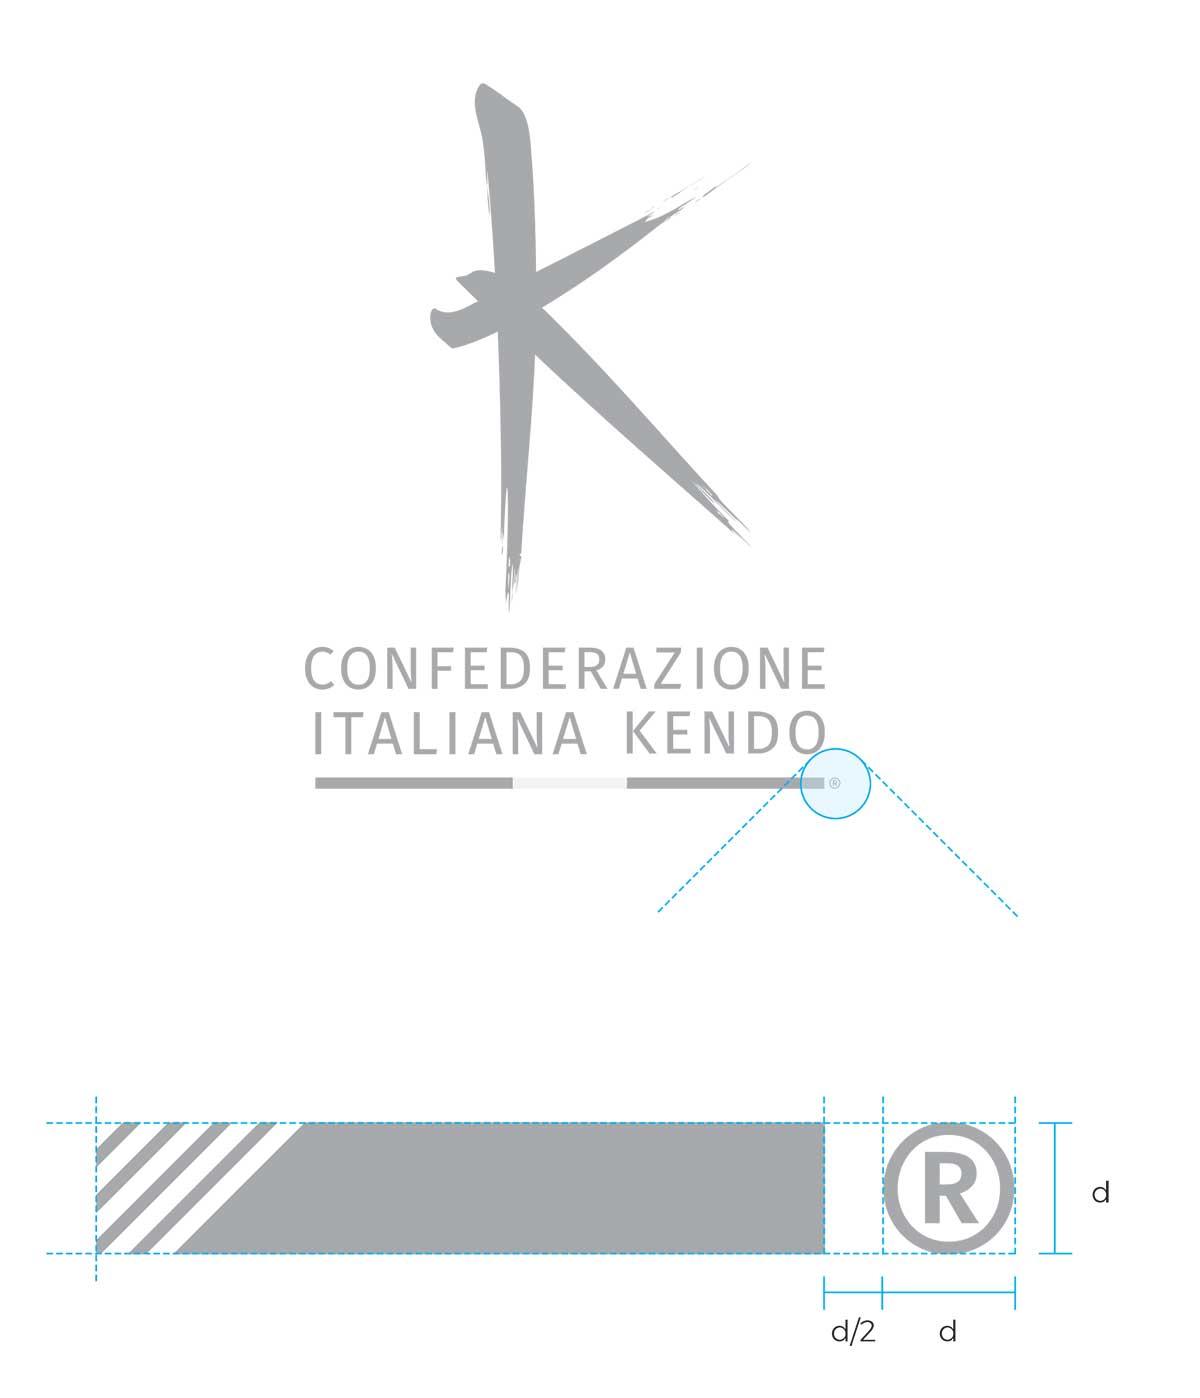 Logo CIK marchio registrato